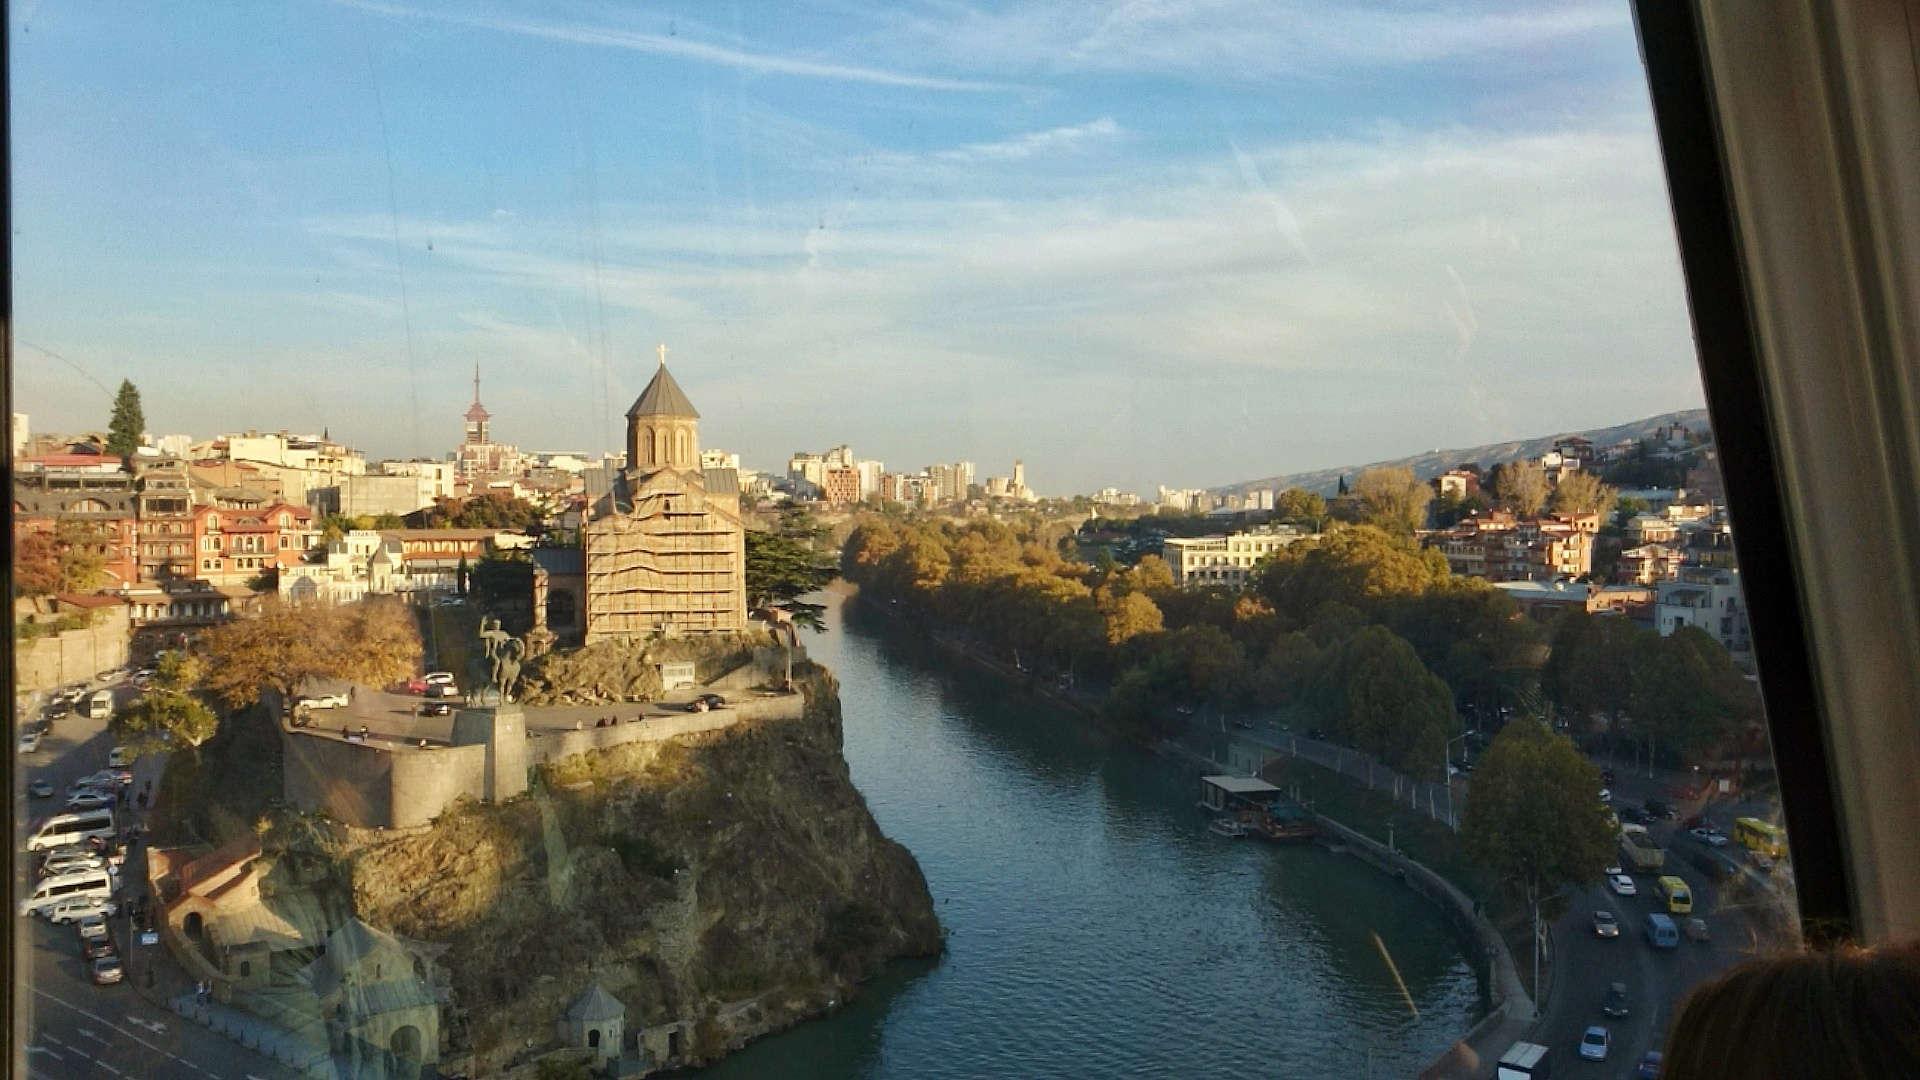 Zwiedzanie Tbilisi - wjazd kolejką